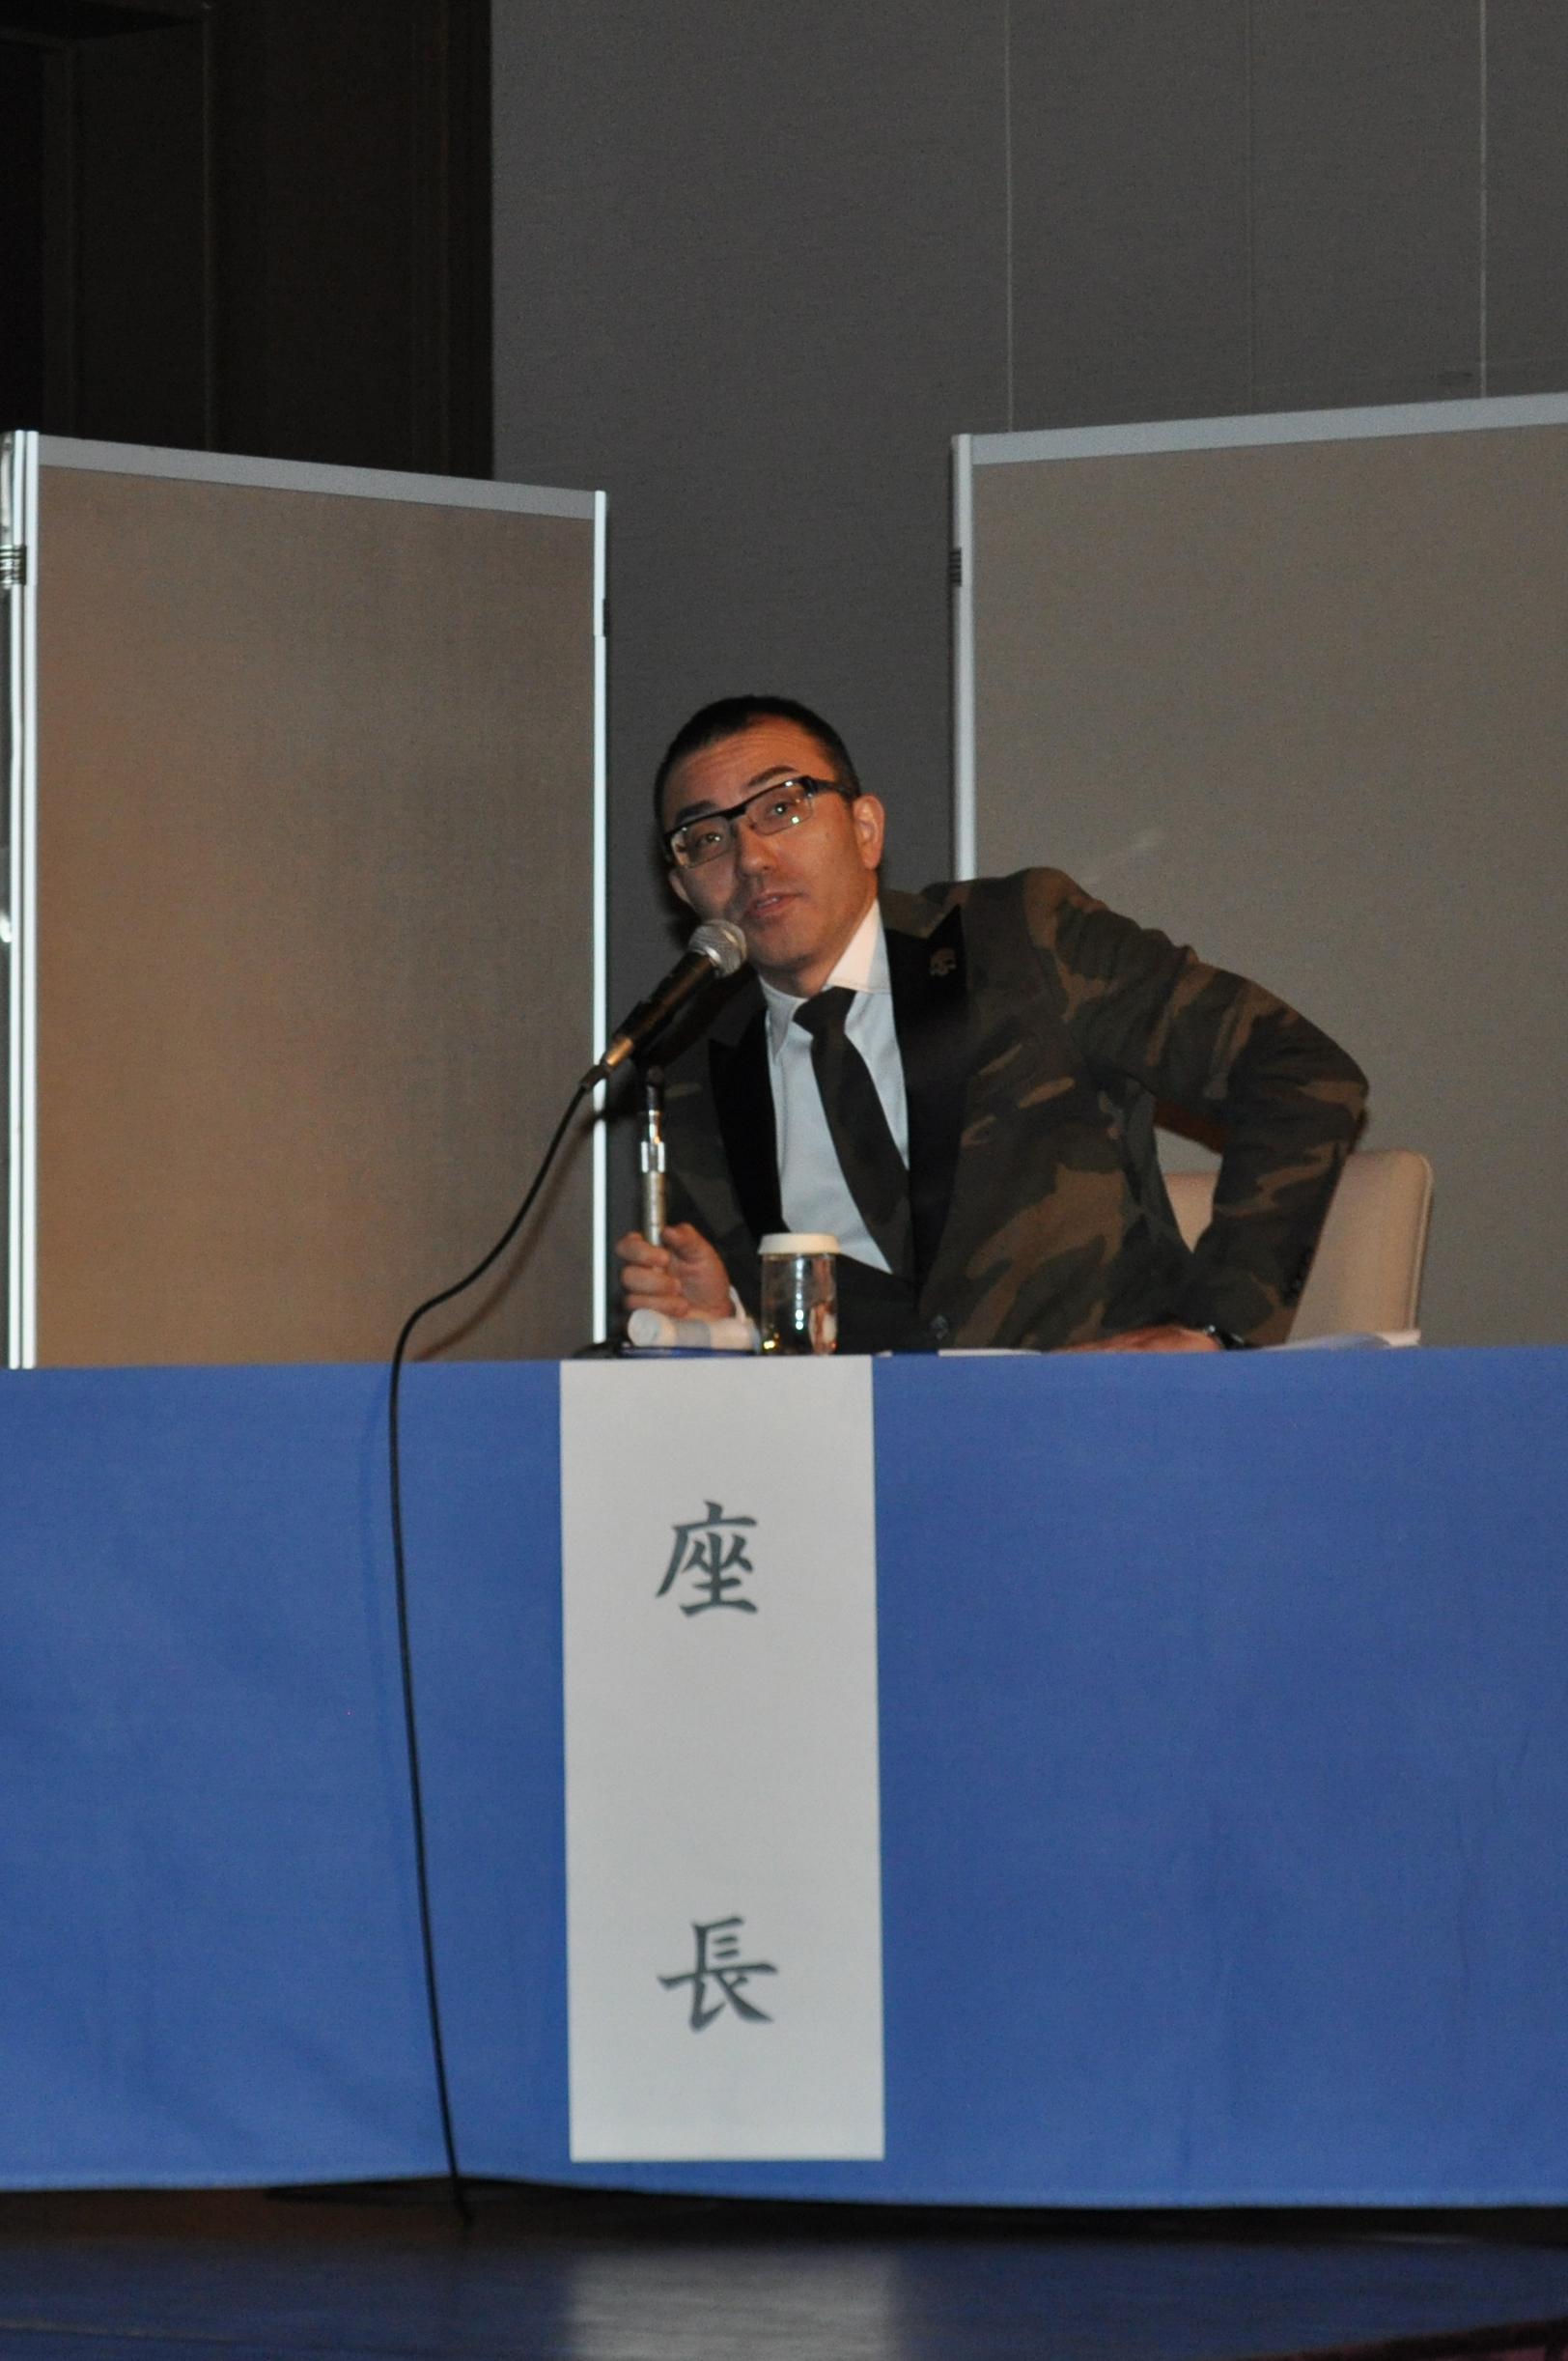 第Ⅱ部の座長:時吉聡介病棟医長